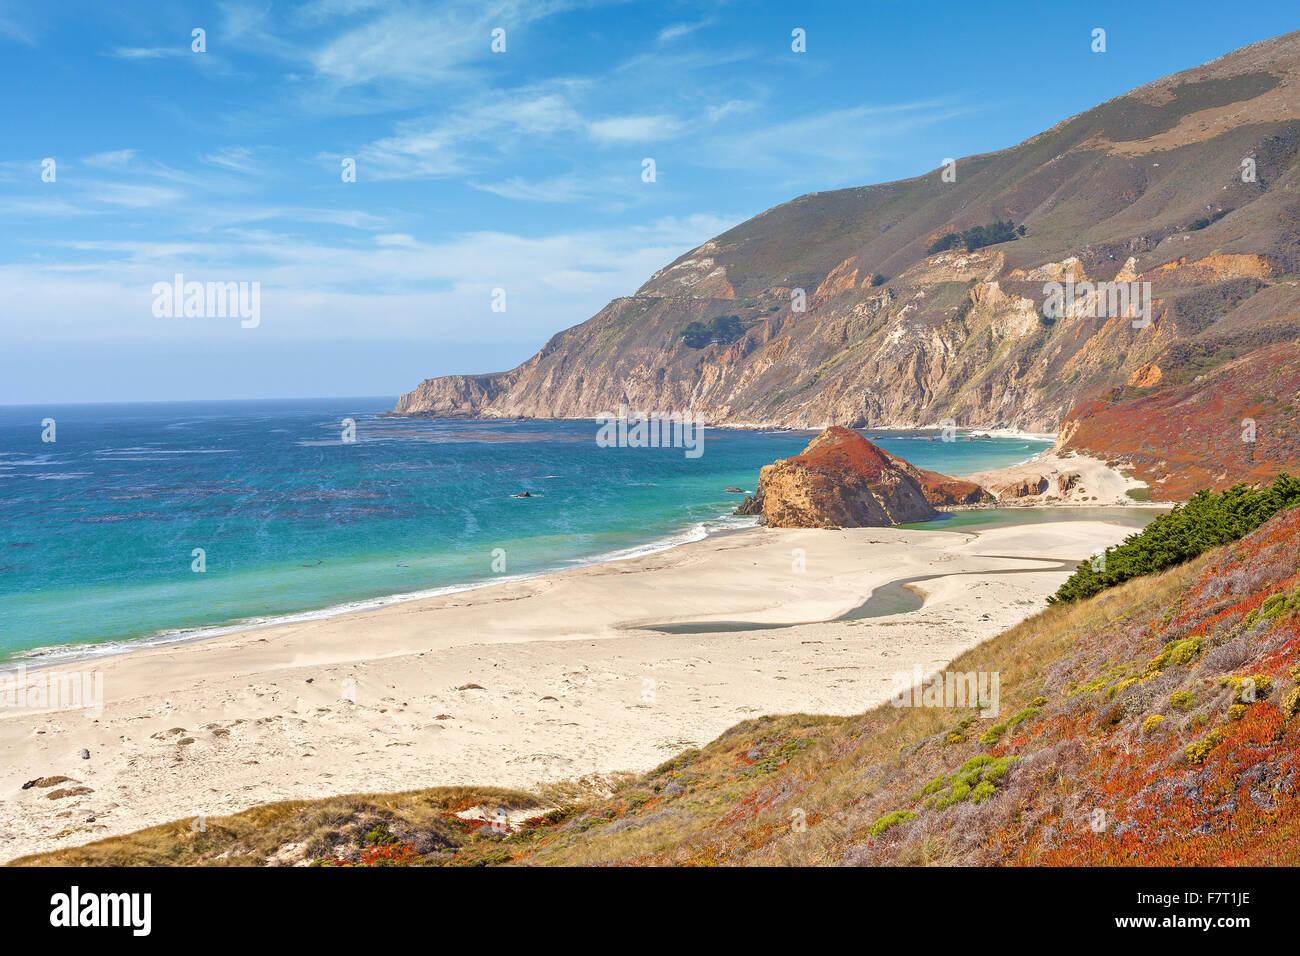 Costa californiana lungo la Pacific Coast Highway, STATI UNITI D'AMERICA. Immagini Stock